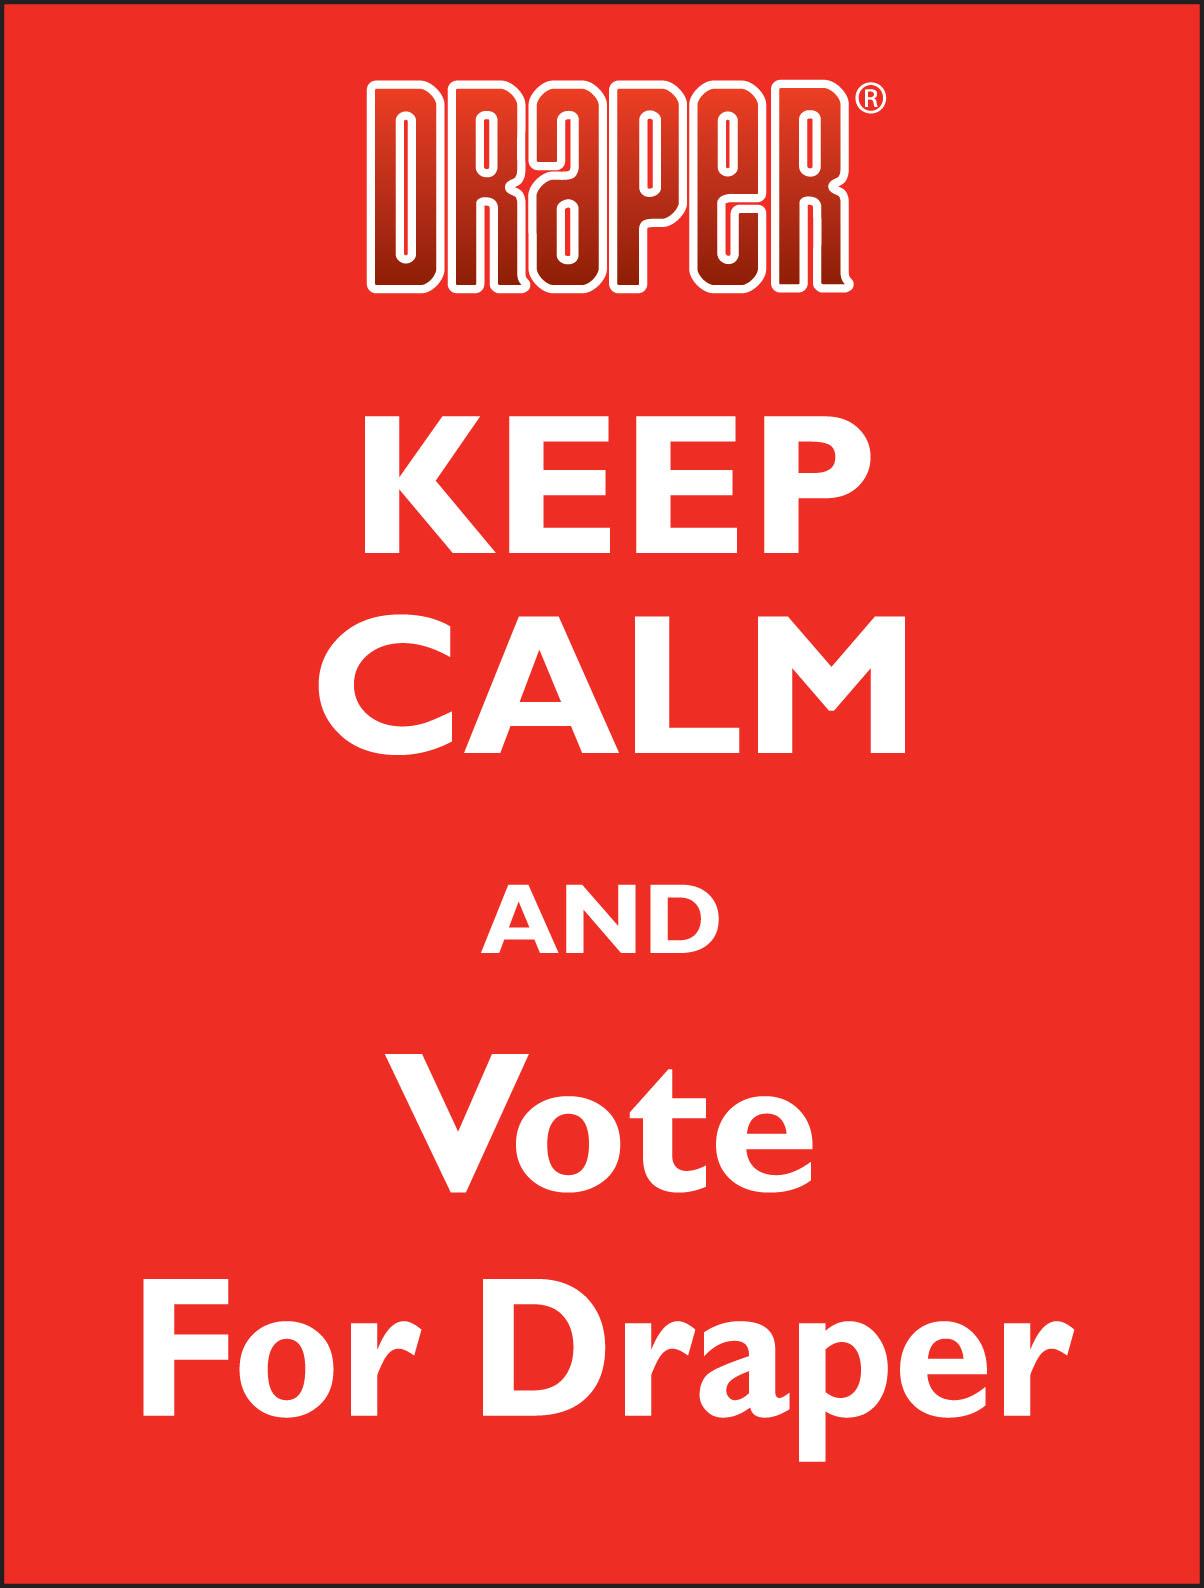 Vote For Draper Draper Inc Blog Site